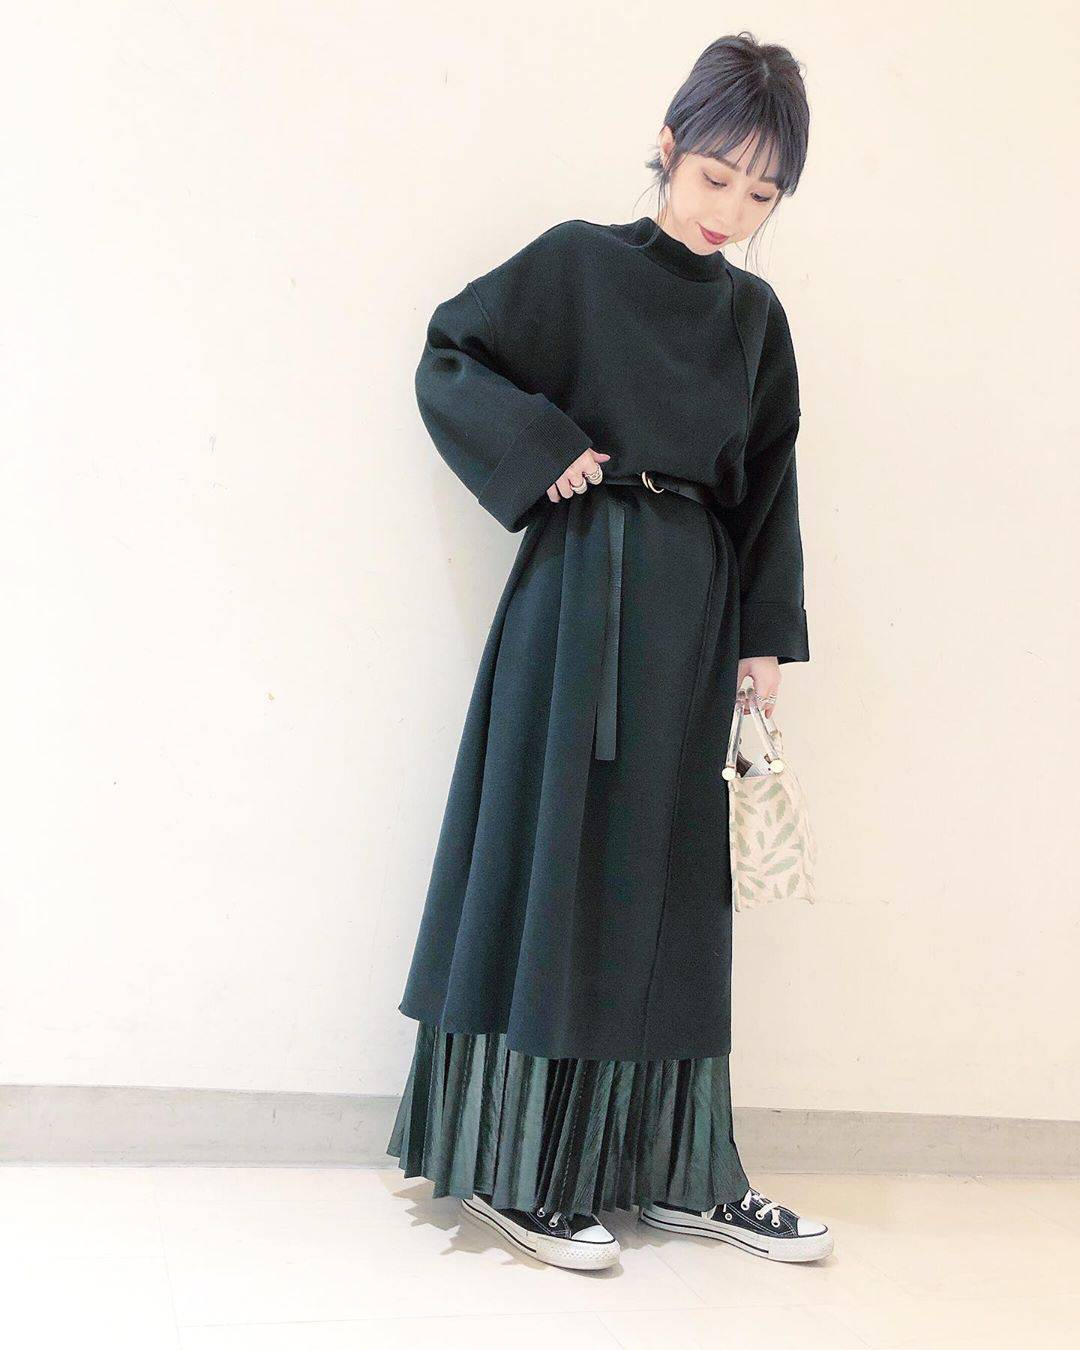 最高気温11度・最低気温4度 akaririri_1022の服装